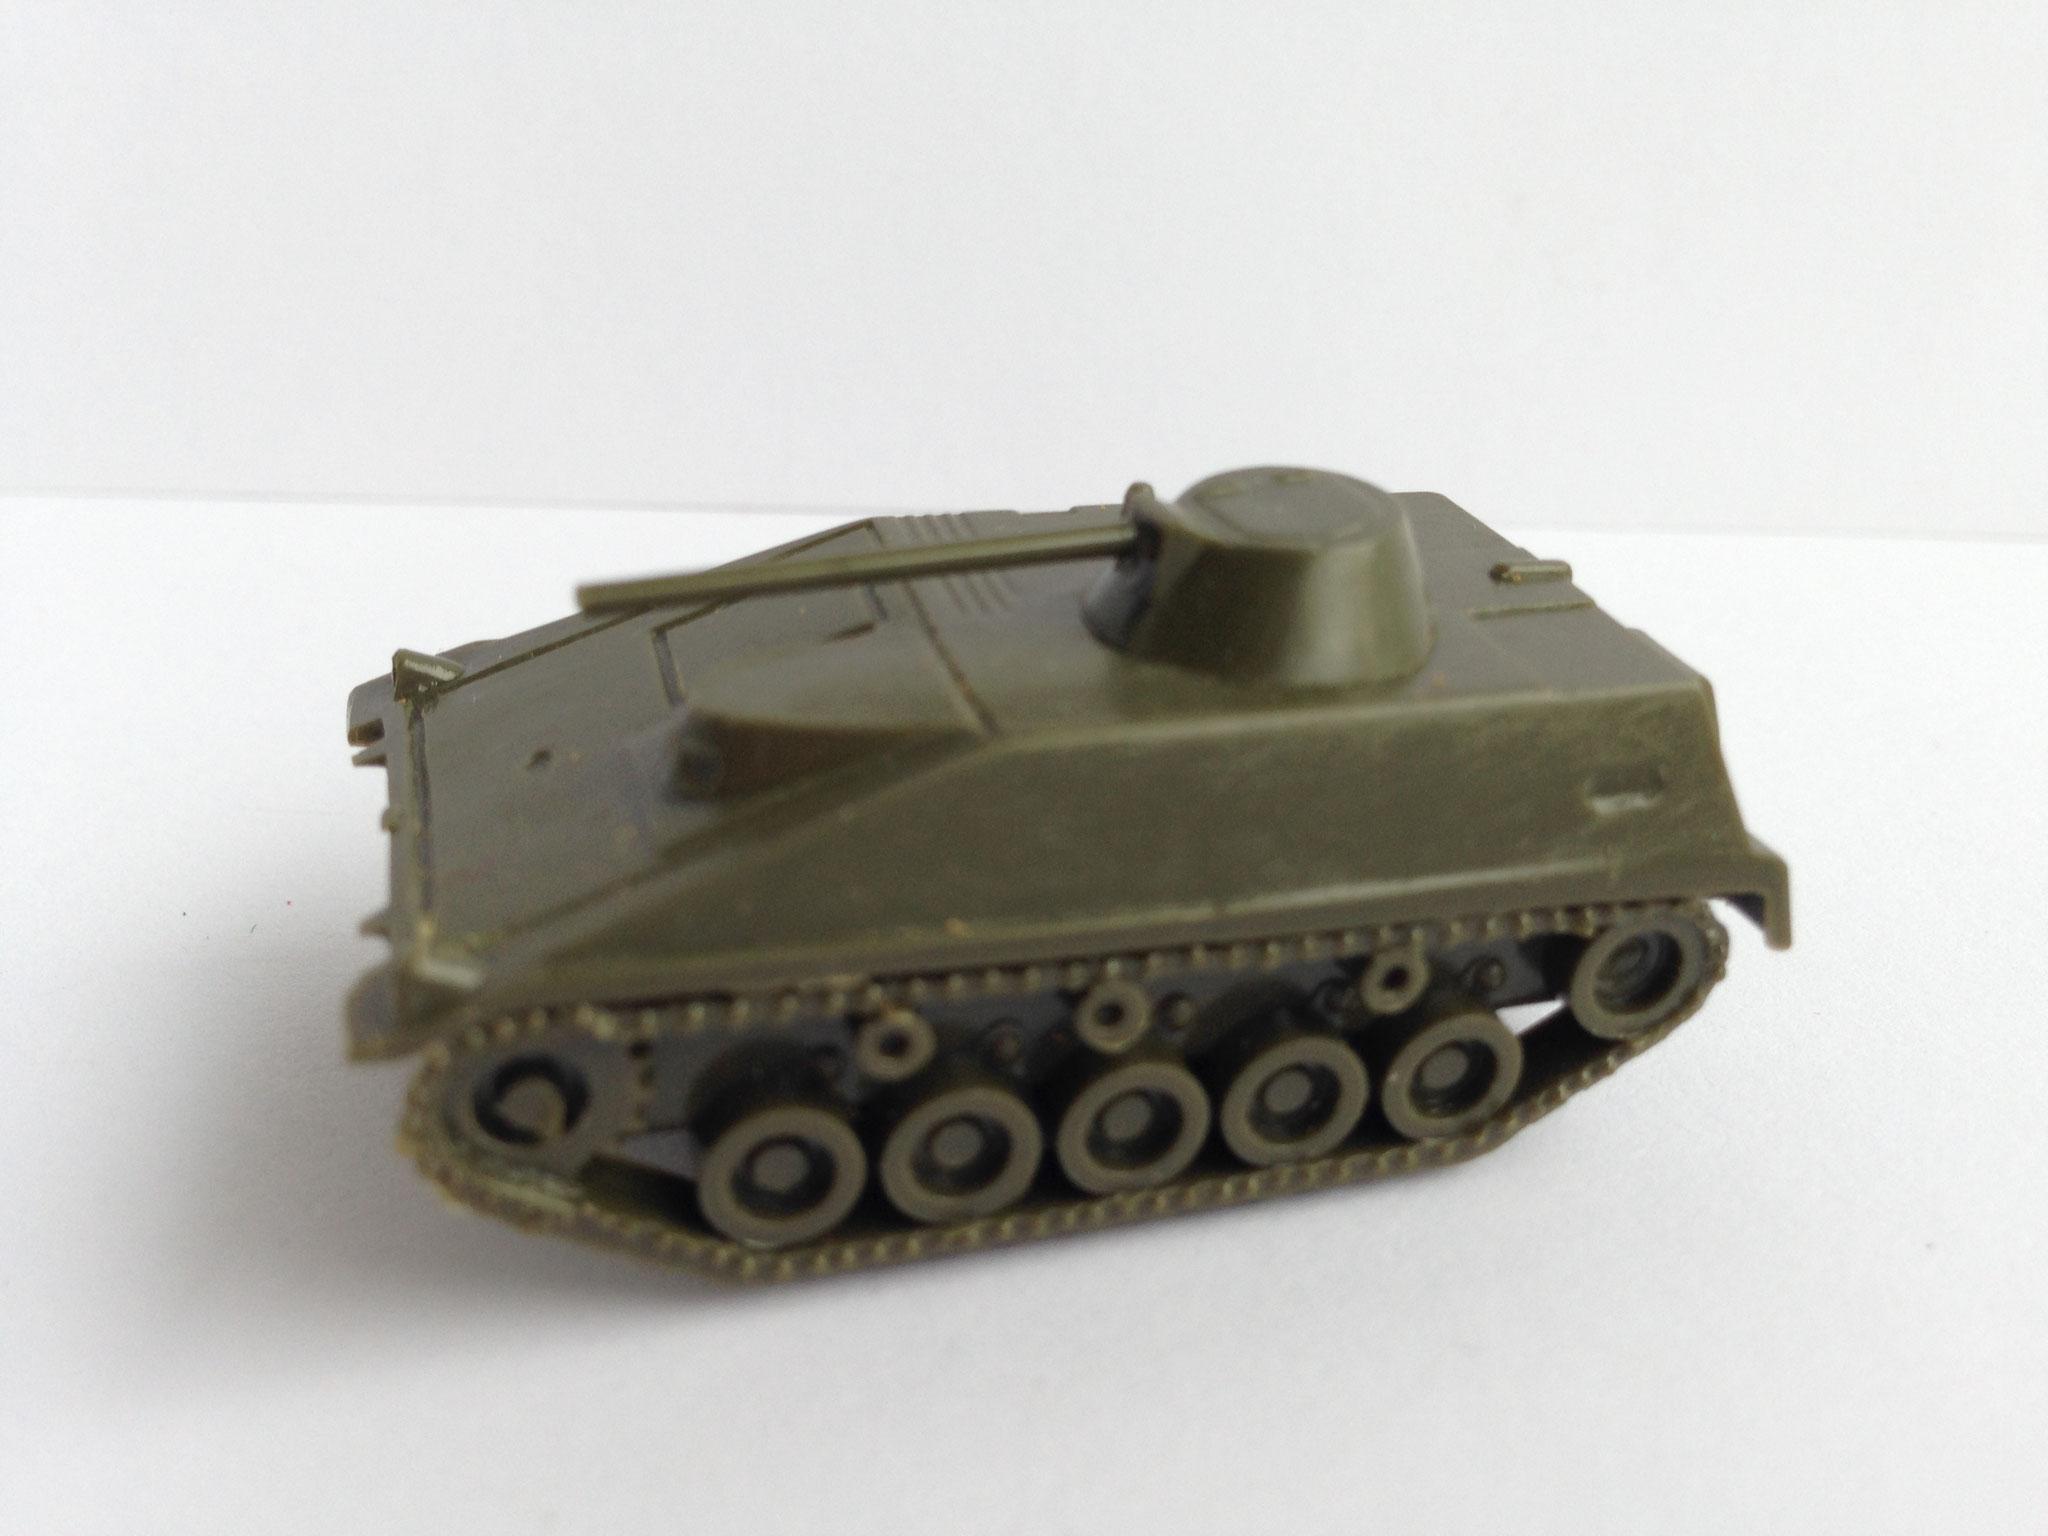 SP 1-kurz, leichter Spähpanzer, Bundeswehr, Art. Nr. 135 (ab 1956 im Programm)